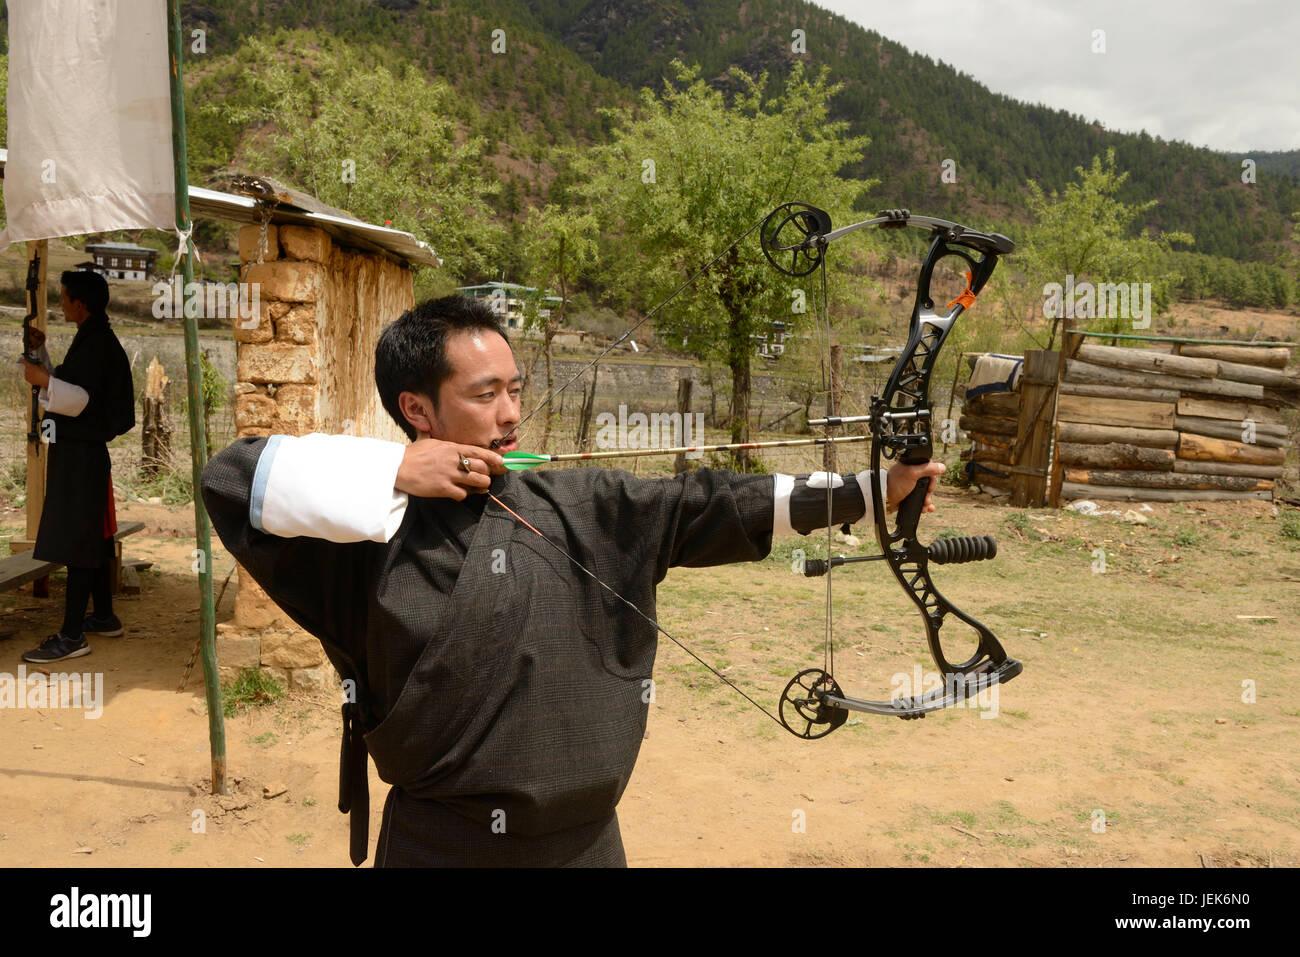 El hombre practicando deporte nacional de tiro con arco, Thimphu, Bután, Asia Imagen De Stock